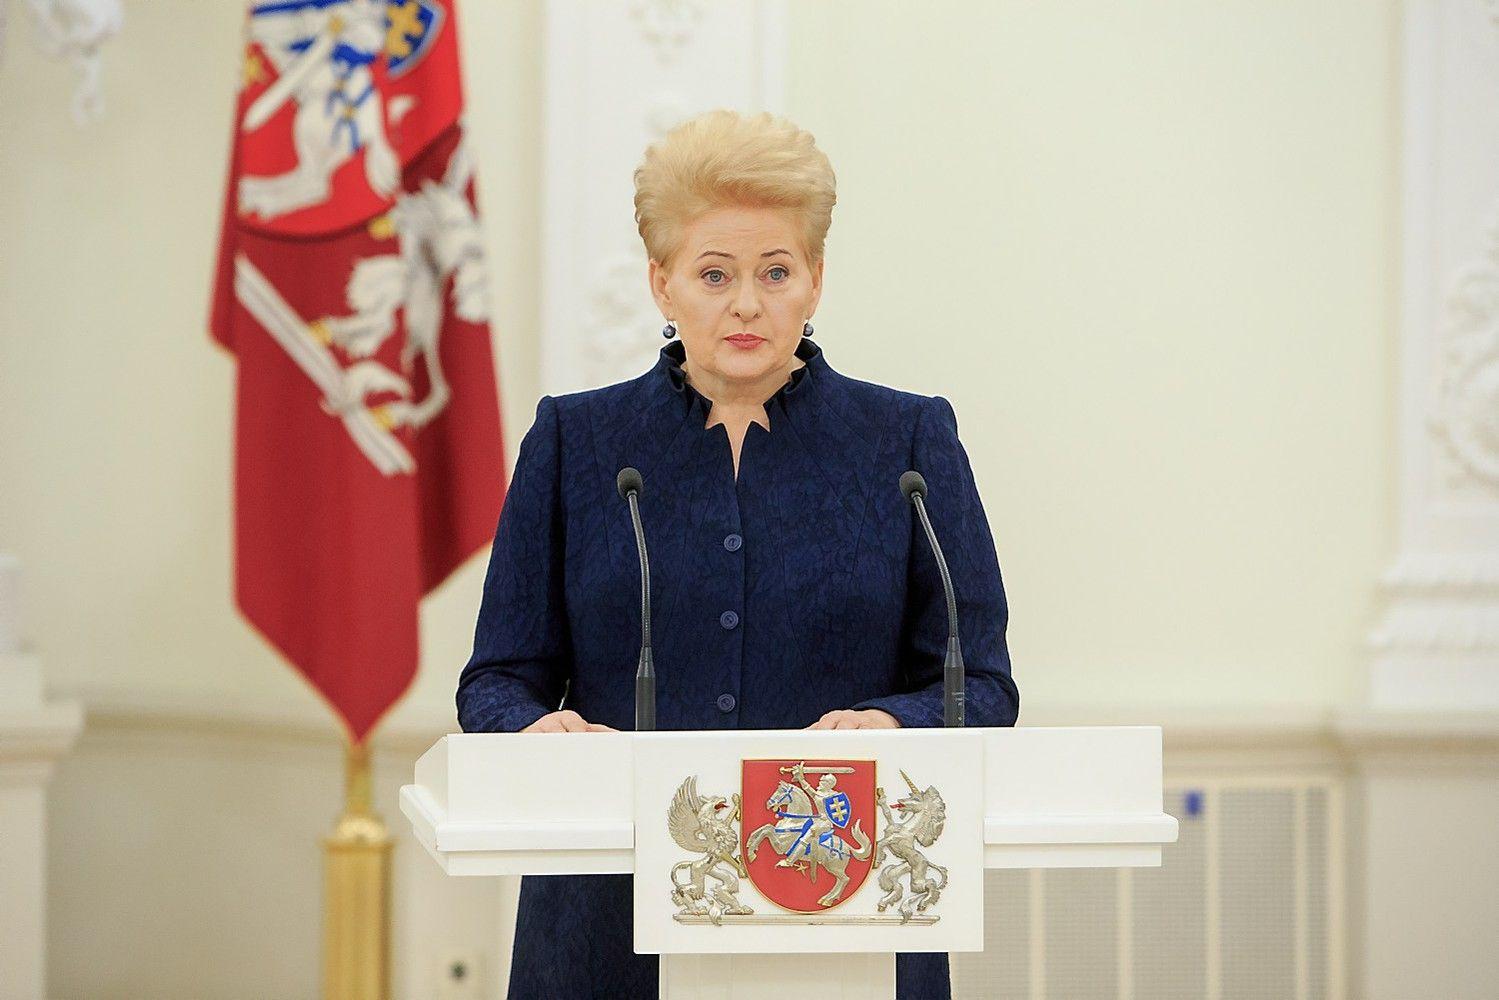 Prezidentė padėkojo Vokietijai už išsaugotą Vasario 16-osios aktą